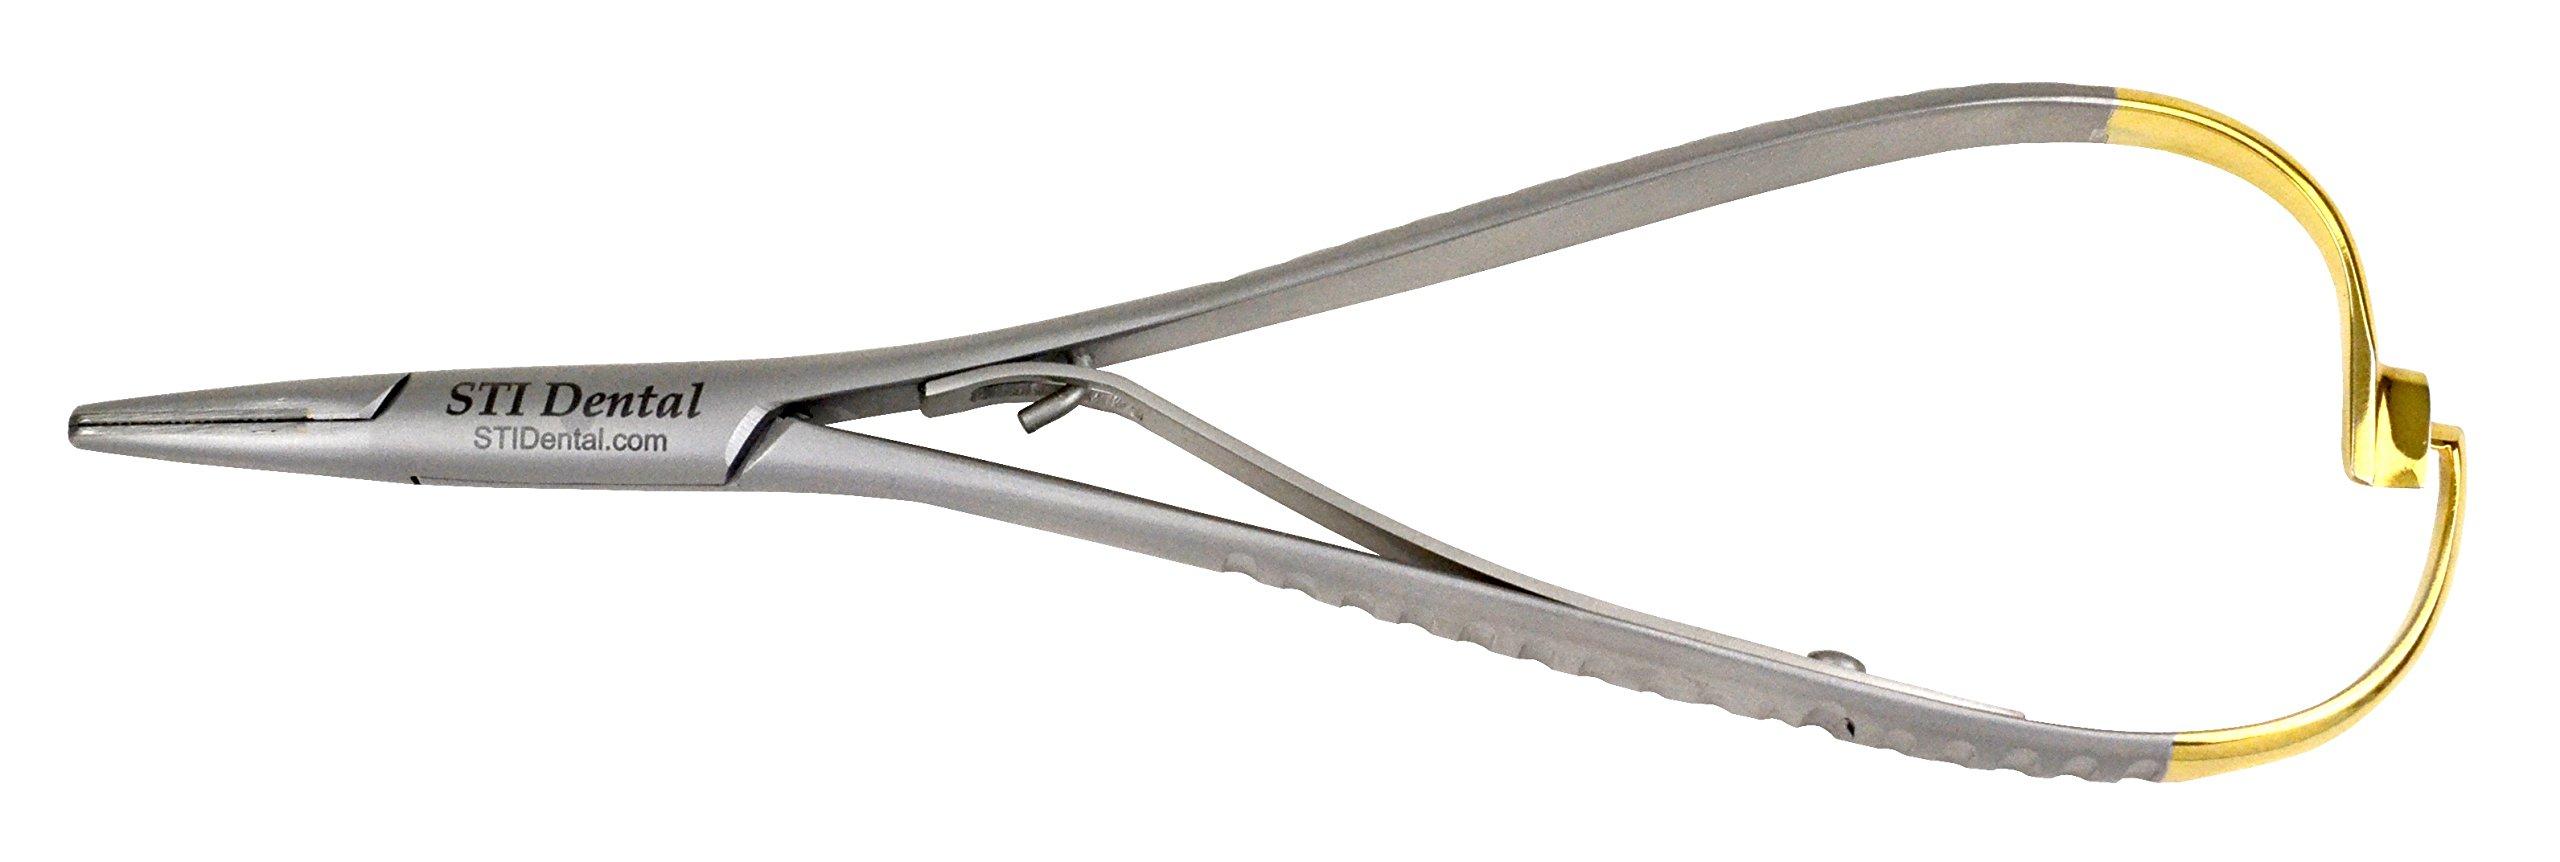 ST Dental Mathieu Needle Holder (TC Tip) 5.5 '' , Product Code C-1303